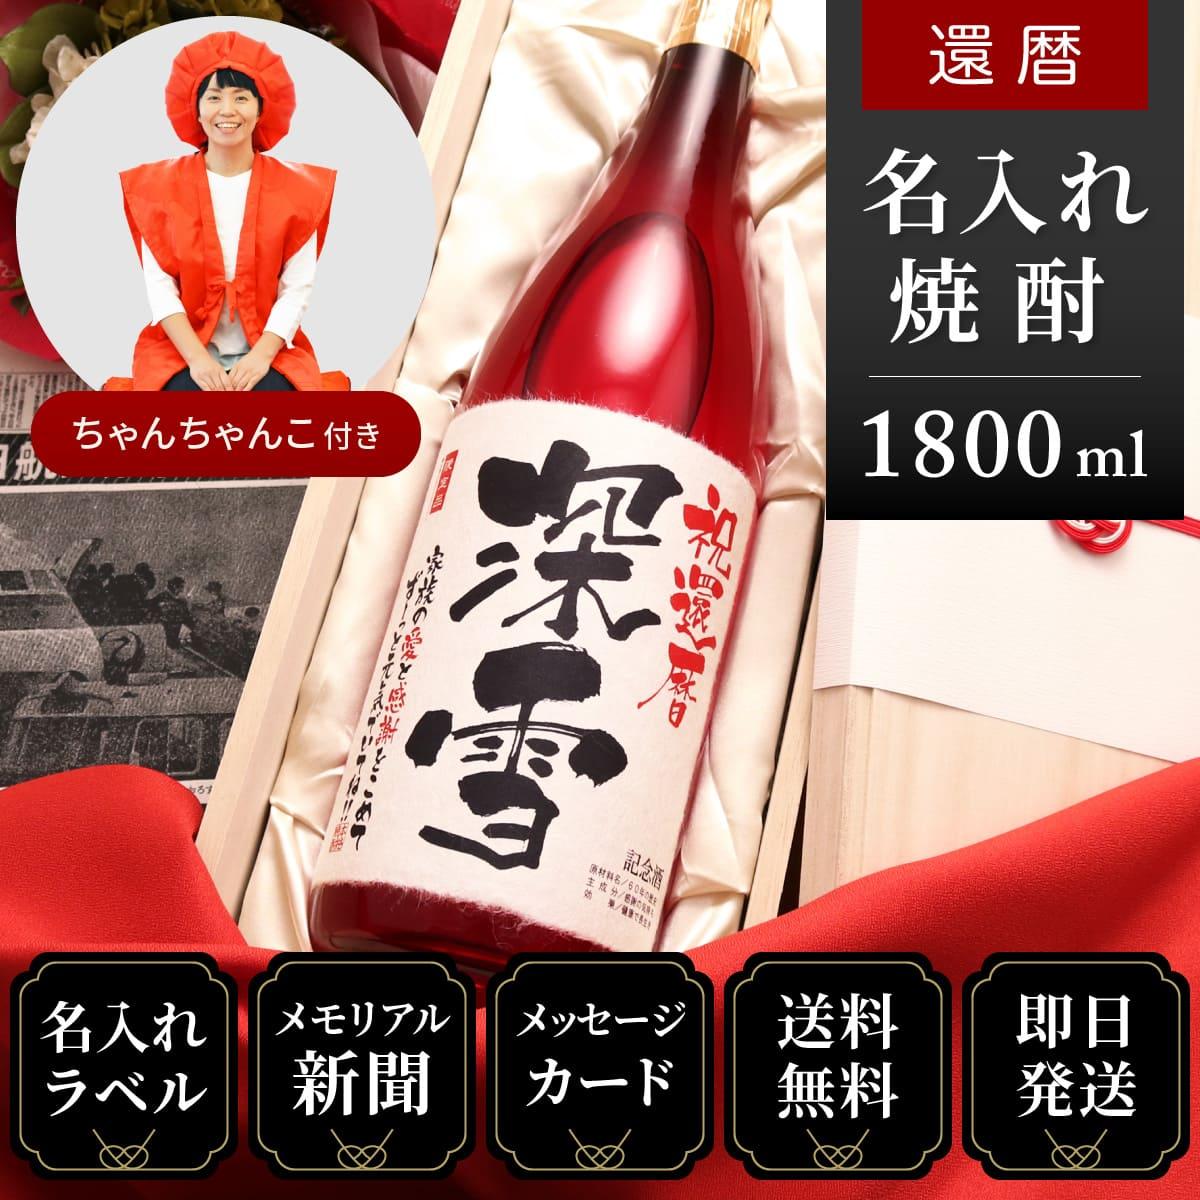 還暦ちゃんちゃんこ(日本製)と赤瓶セット「華乃撫子」1800ml(酒粕焼酎)